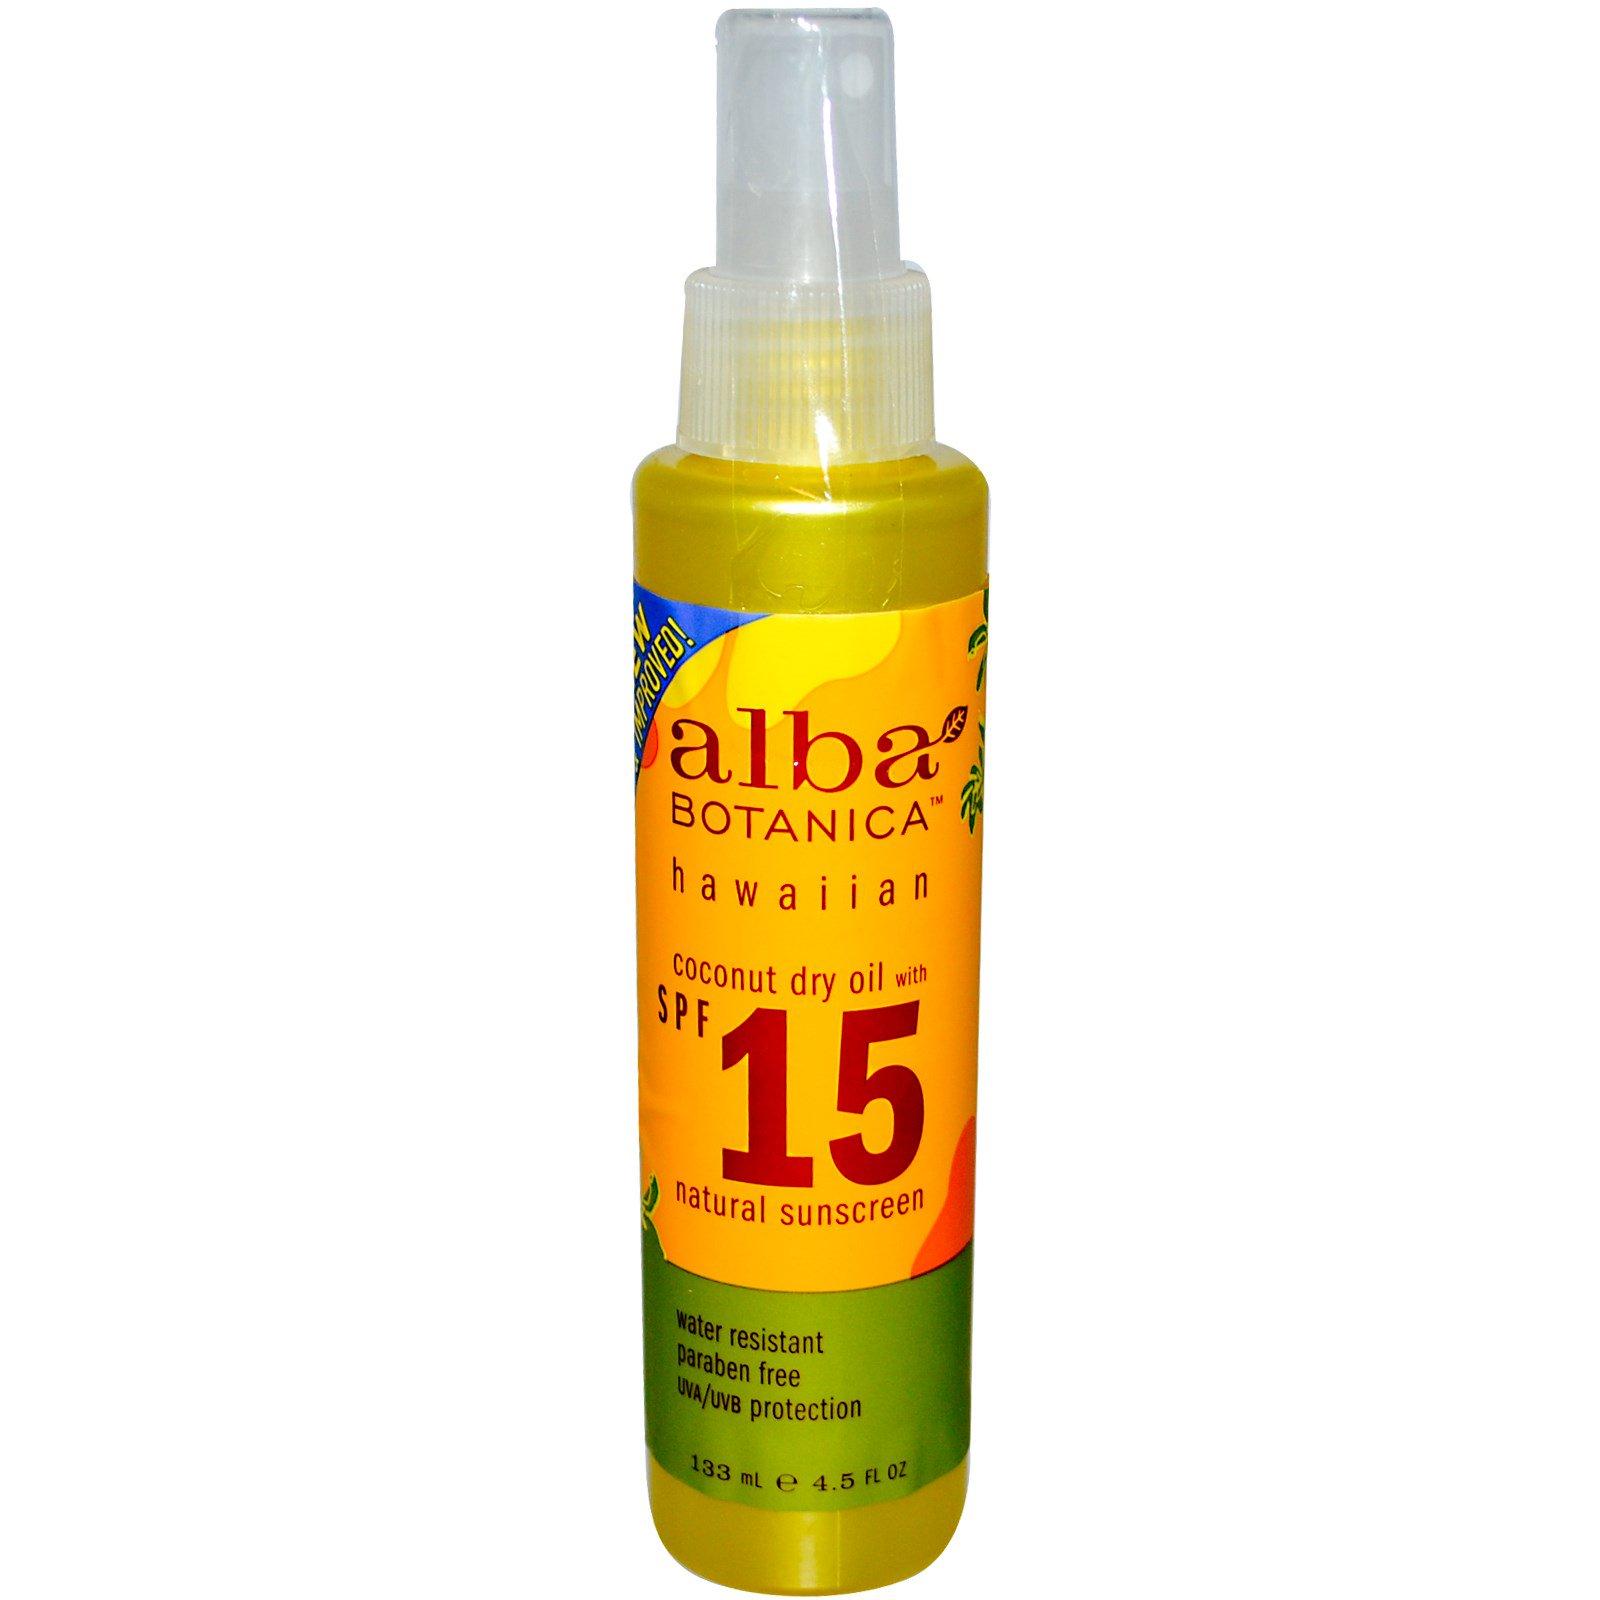 Alba Botanica, Кокосовое обезвоженное масло с фактором защиты SPF 15, Натуральный солнцезащитный фильтр, 4,5 жидкой унции (133 мл)